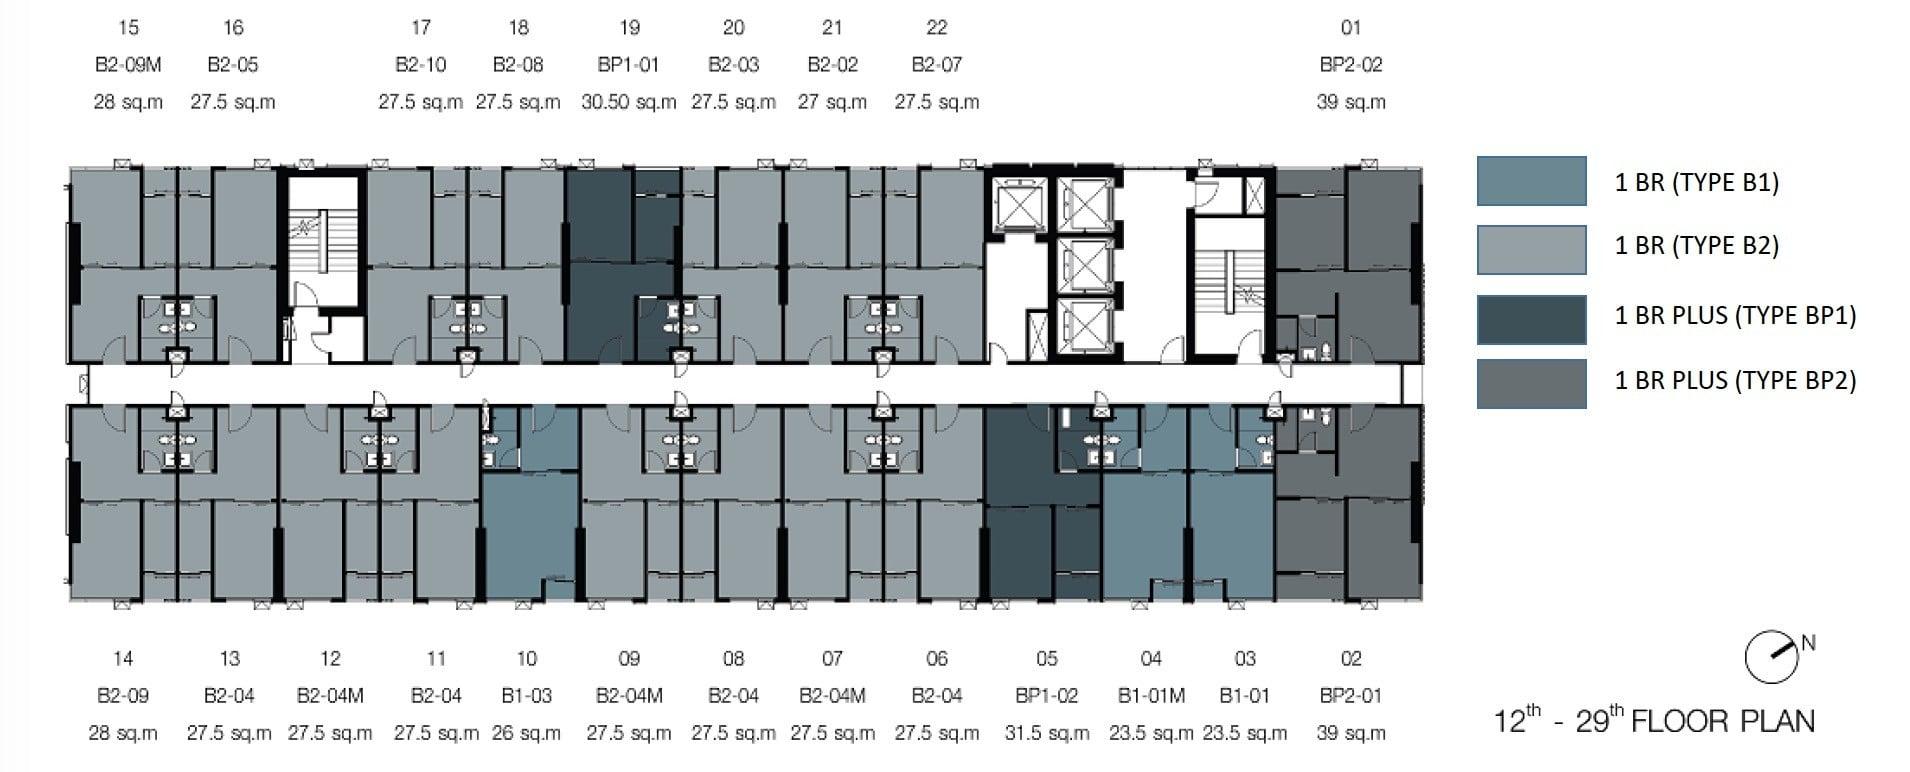 Knightsbridge-sukhumvit-thepharak-Floor Plate 12-29th